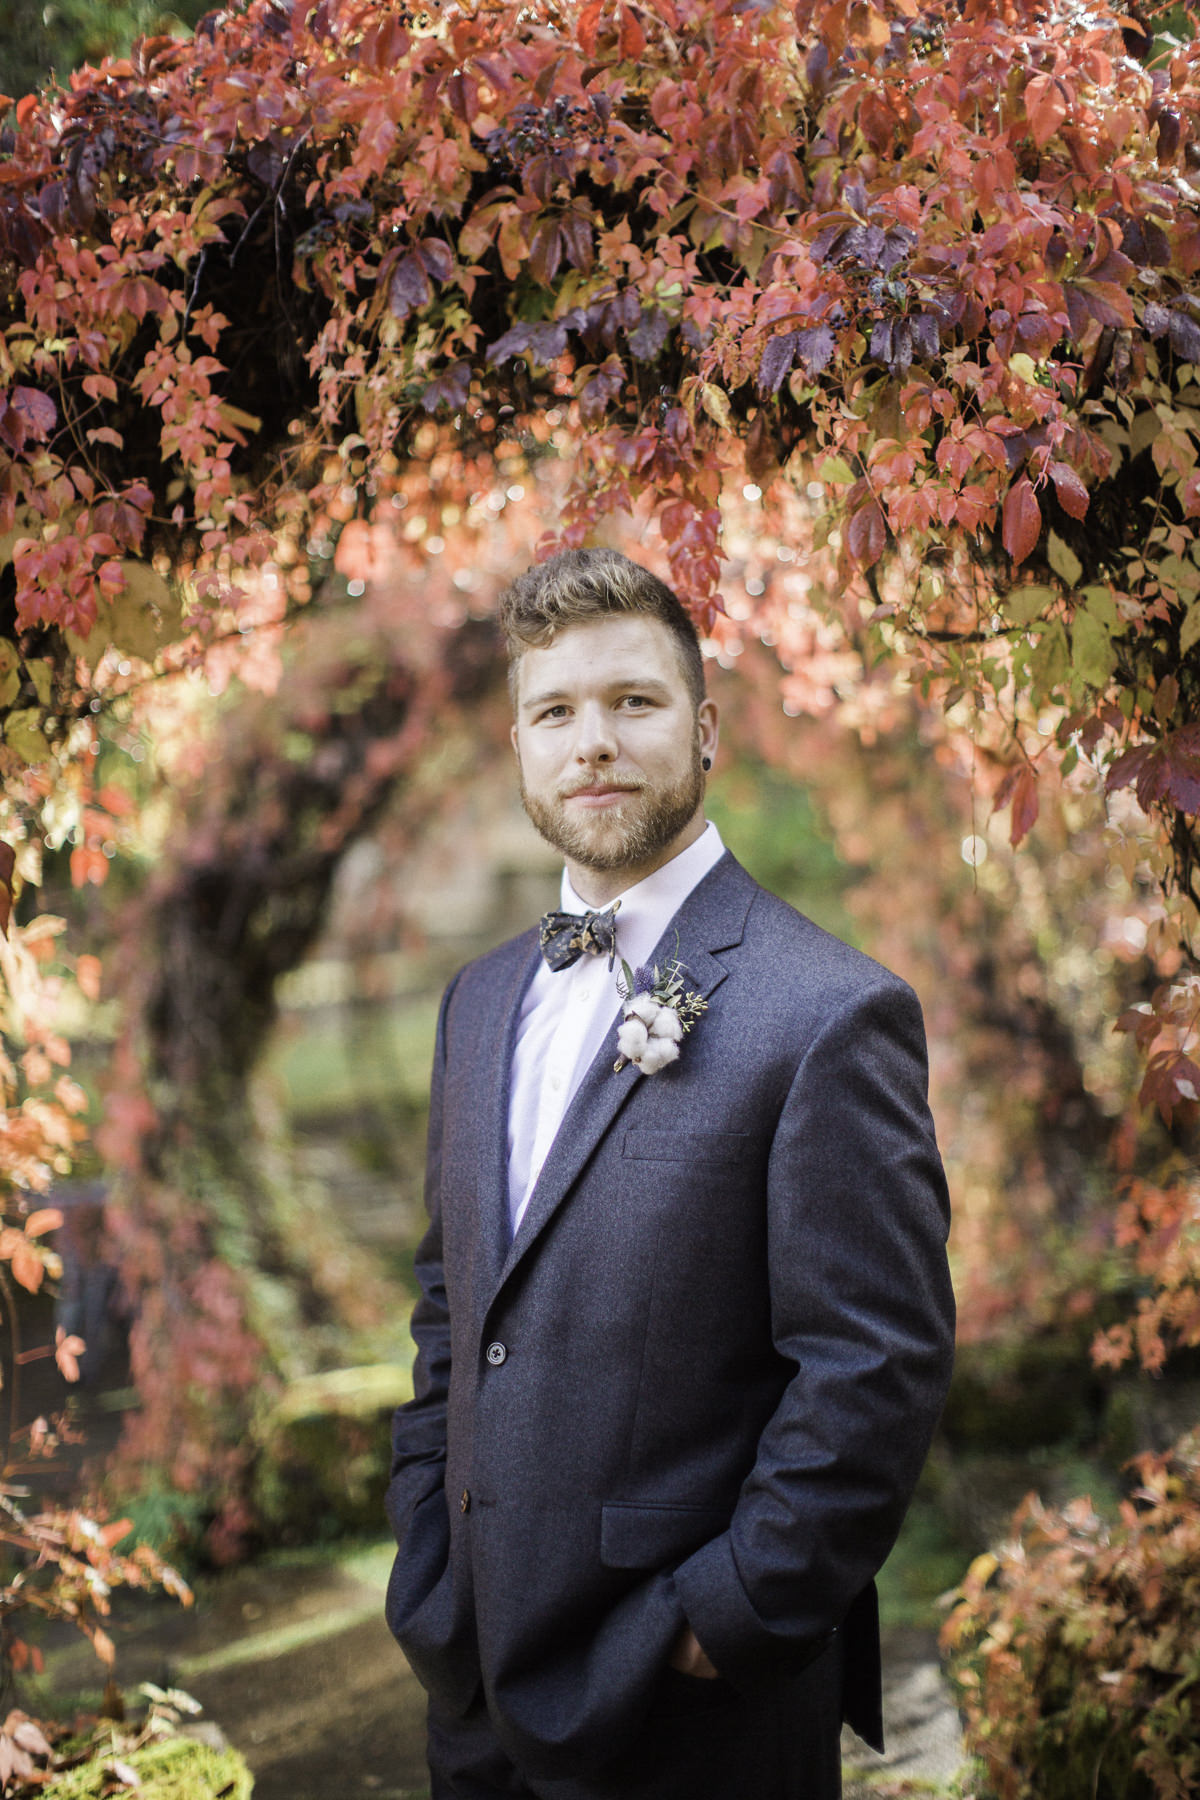 Matt-and-Chelsey-Nelson-wedding-26.jpg